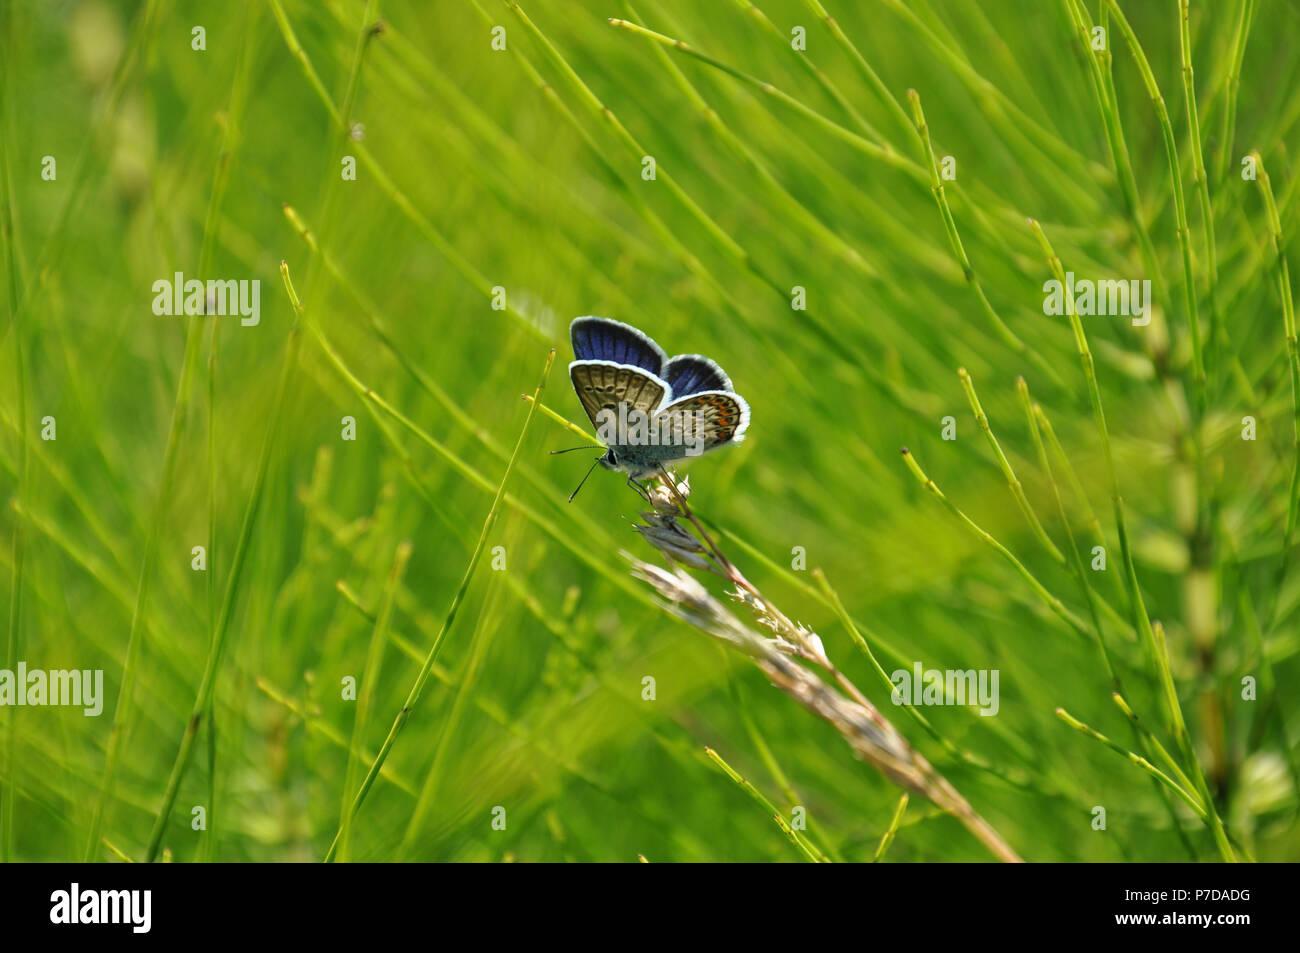 Cola oriental mariposa azul (Everes comyntas, también llamado Cupido comyntas) aislados en el pasto verde de fondo. Vista lateral Foto de stock